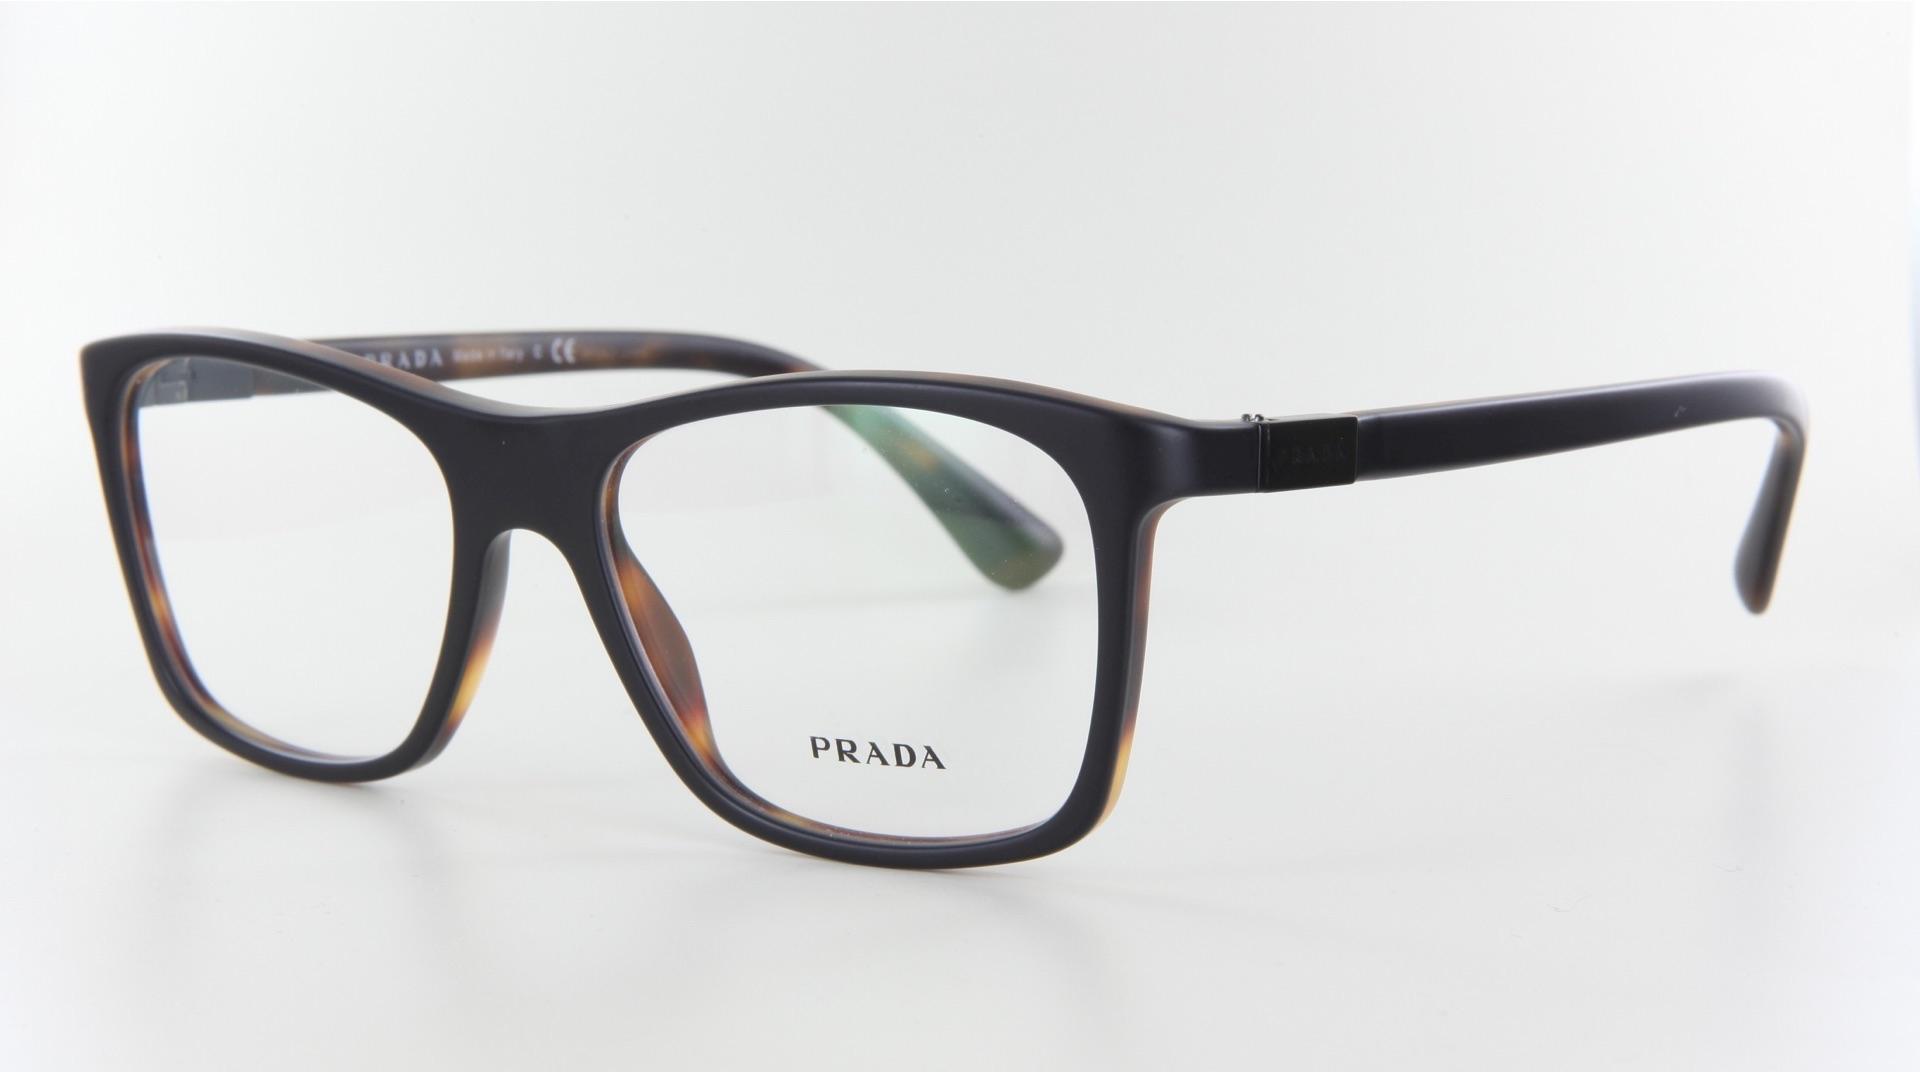 Prada - ref: 74263